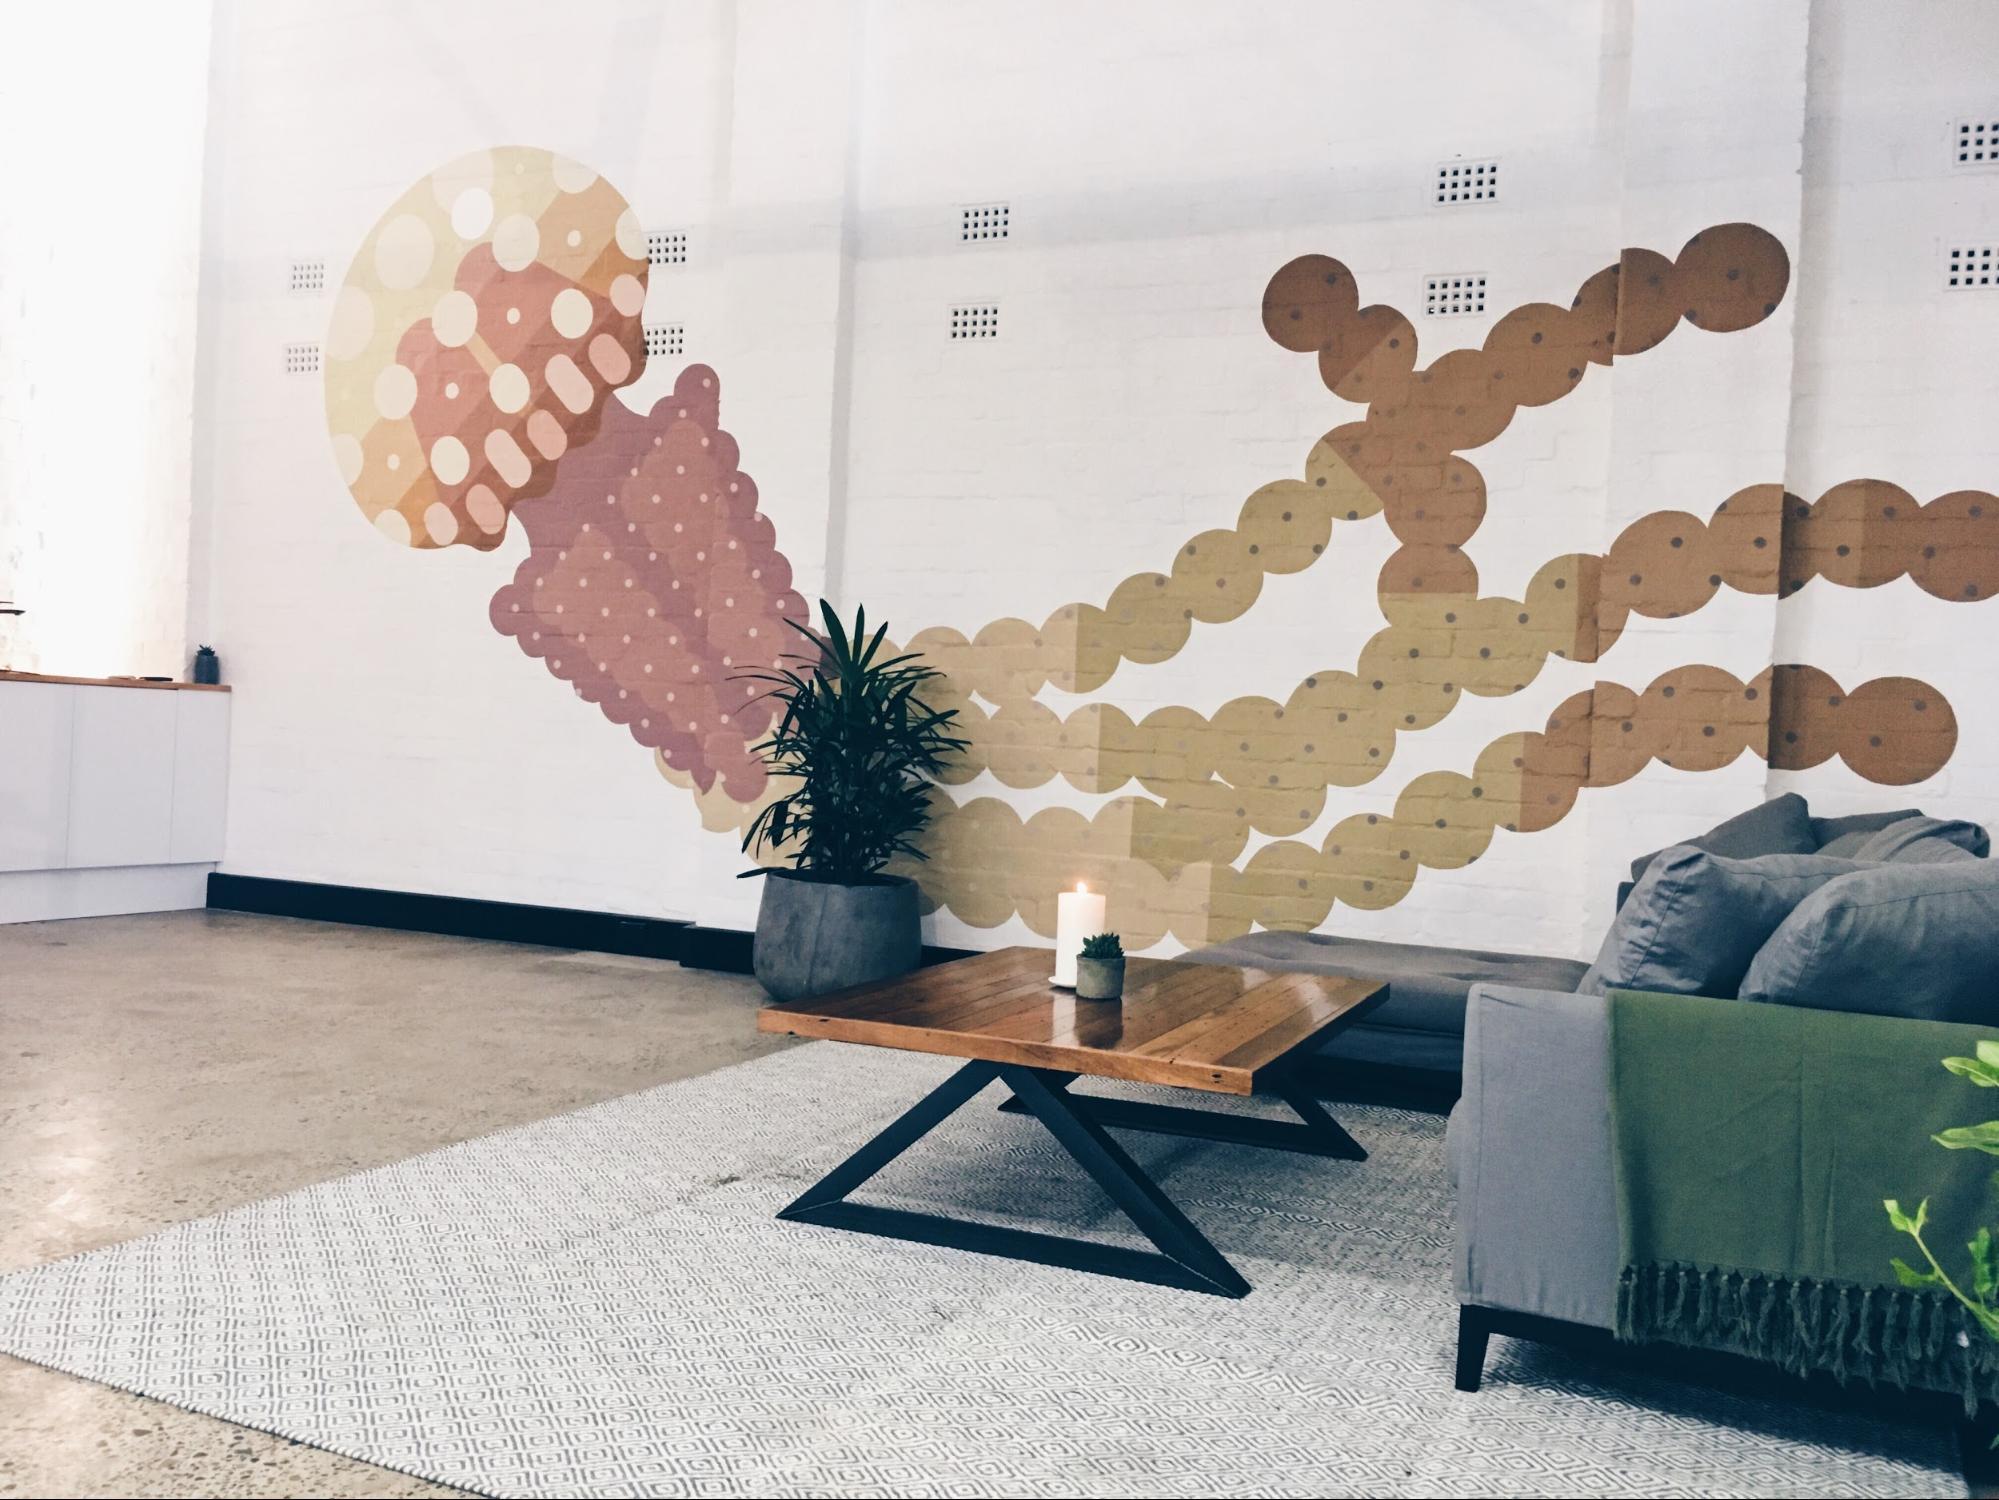 Canva's Sydney office